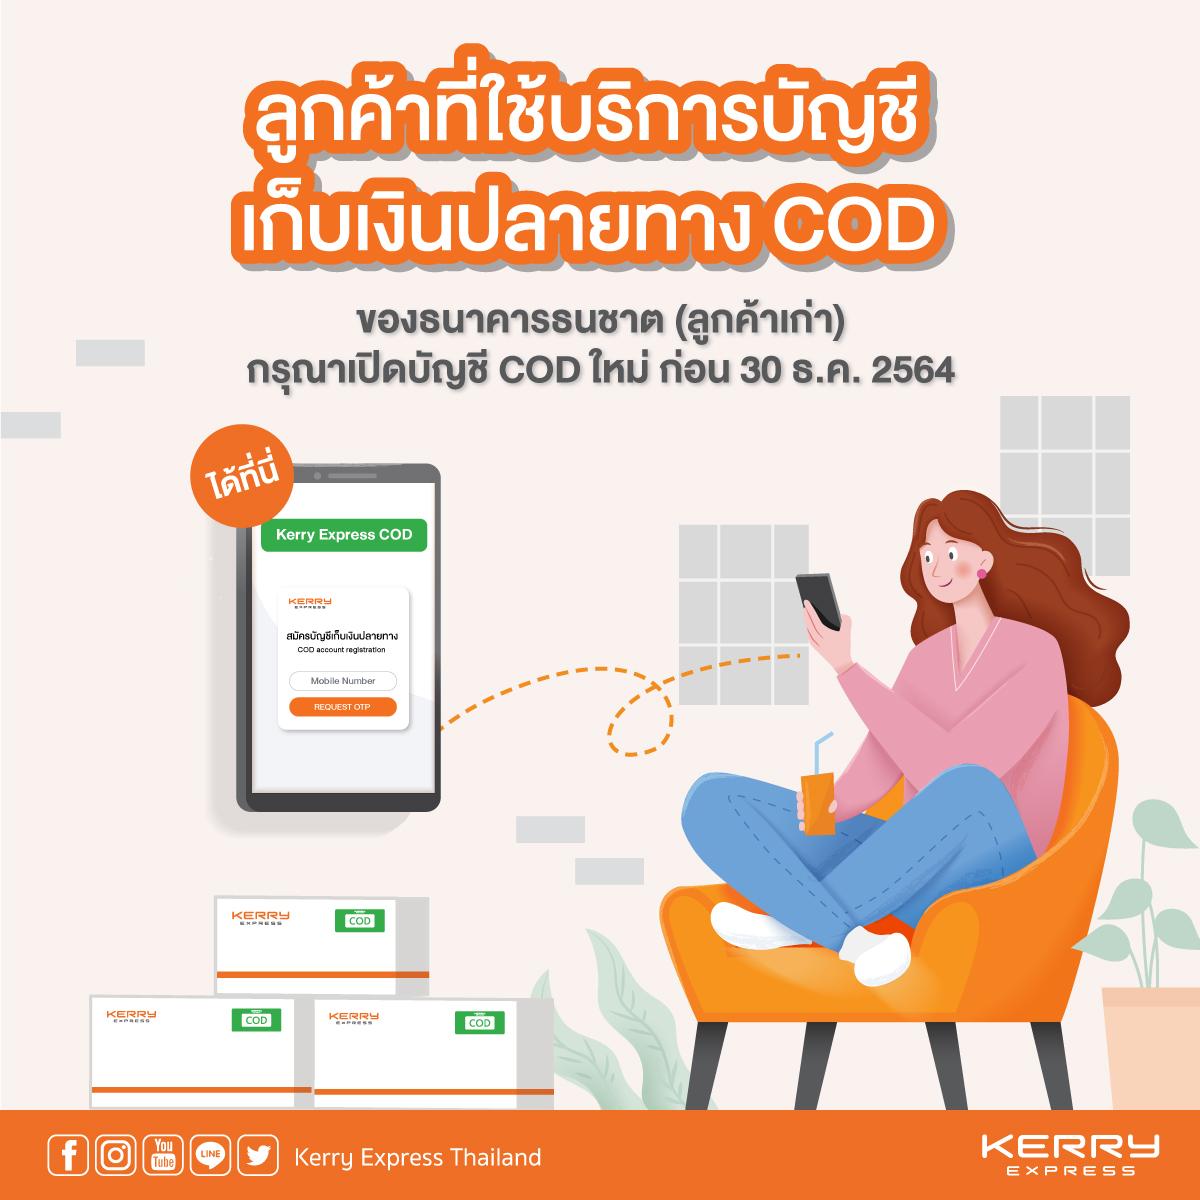 ลูกค้าที่ใช้บริการบัญชีเก็บเงินปลายทาง COD ของธนาคารธนชาต (ลูกค้าเก่า) กรุณาเปิดบัญชี COD ใหม่ ก่อน 30 ธ.ค. 2564